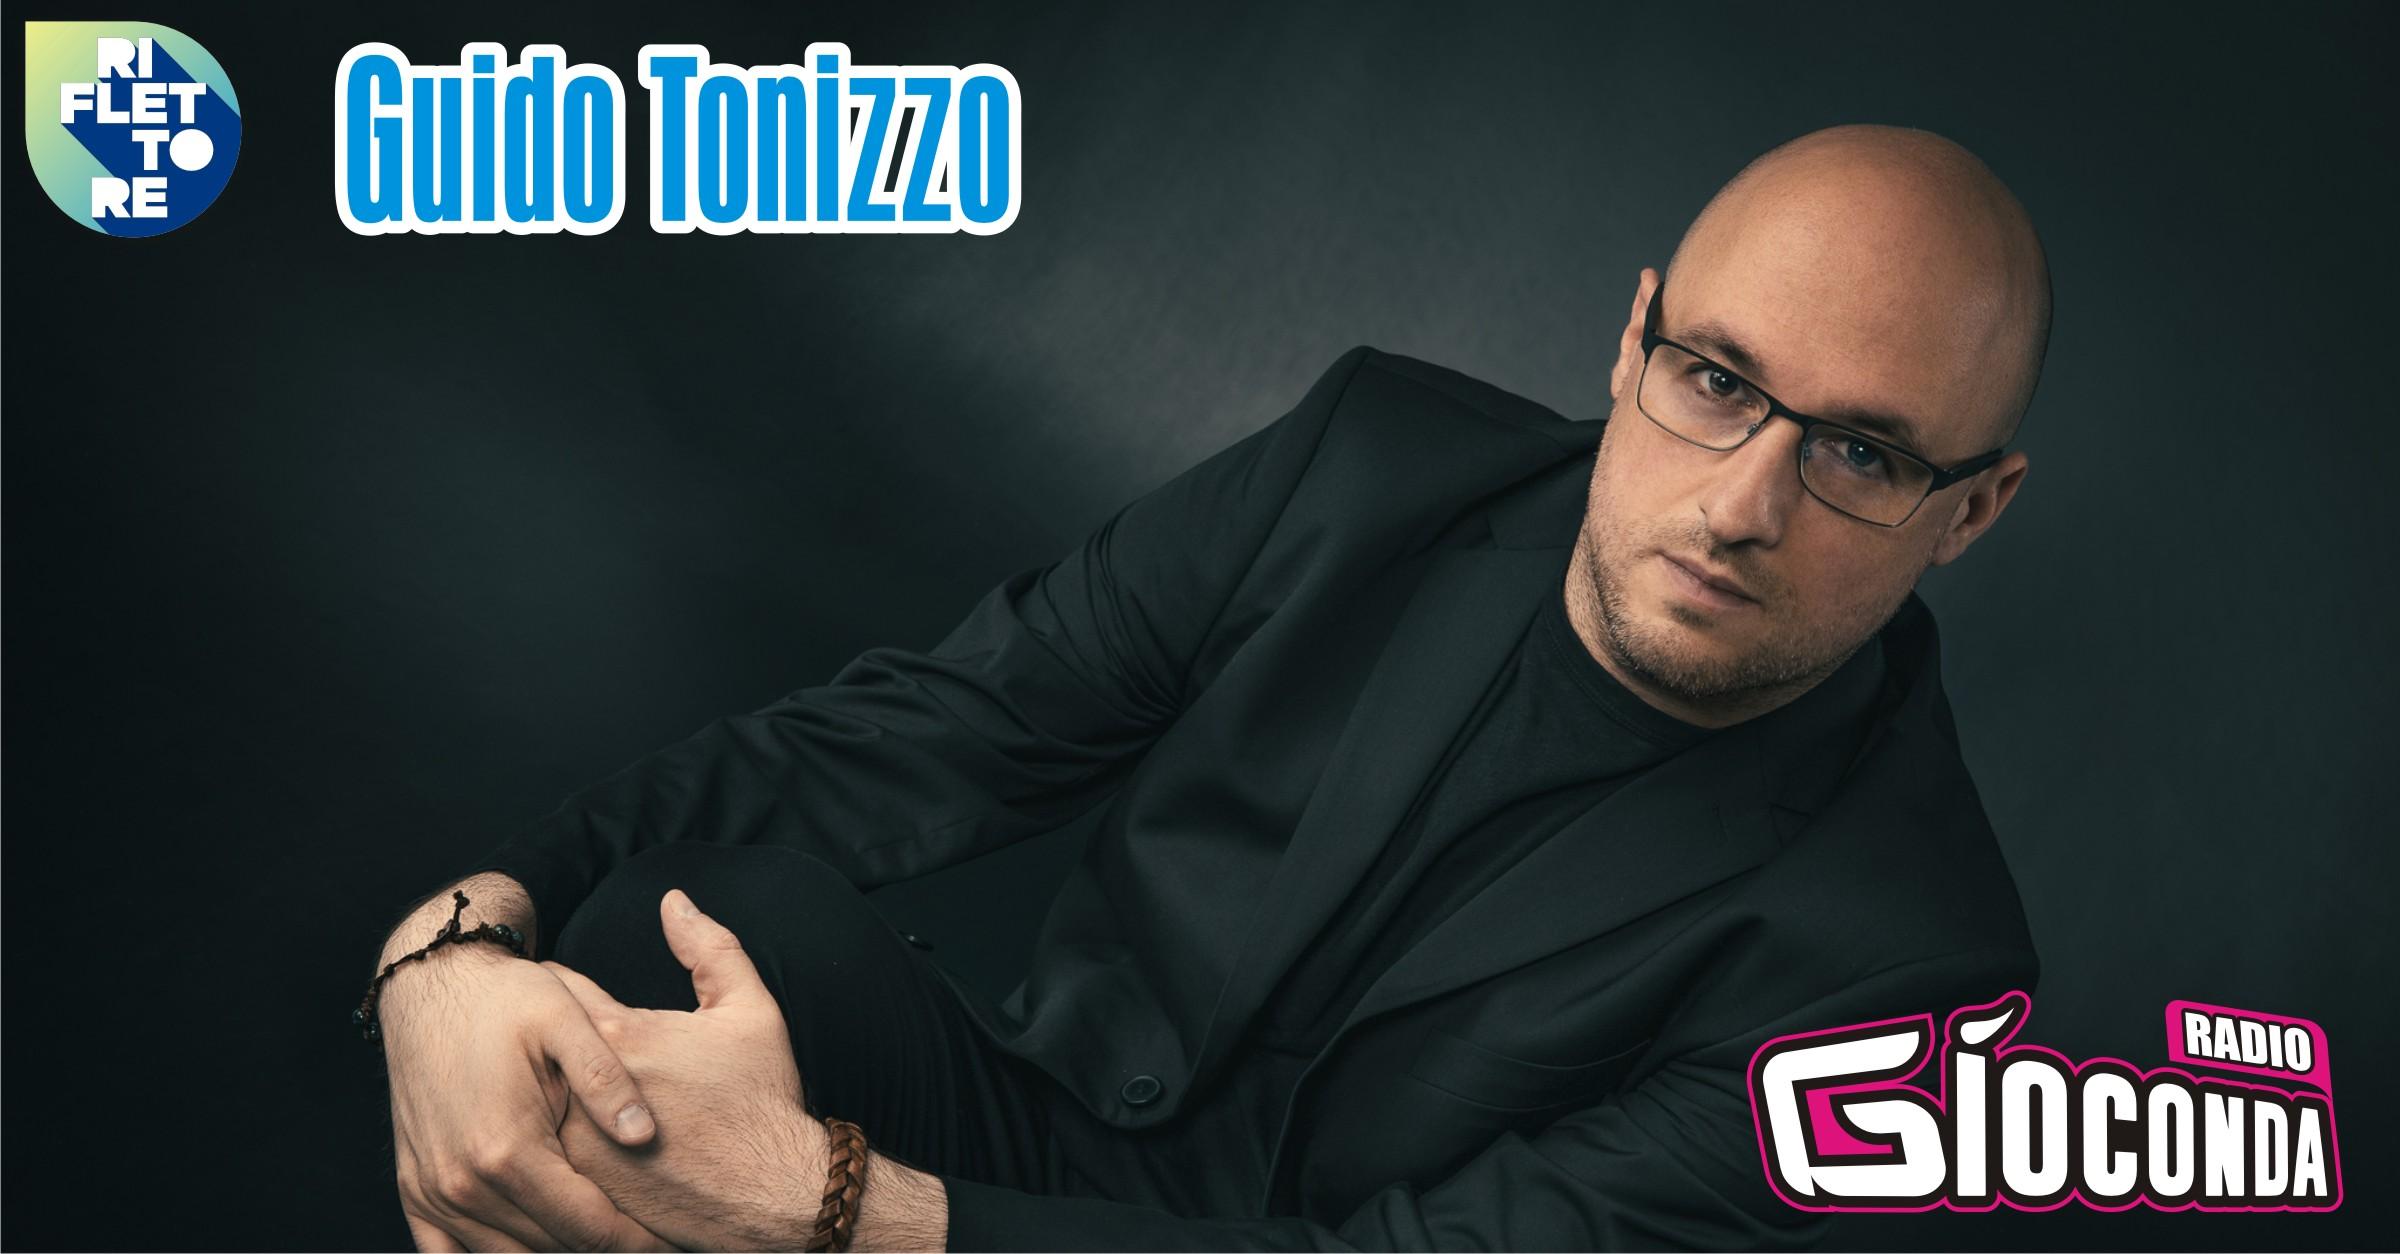 Riflettore con Guido Tonizzo